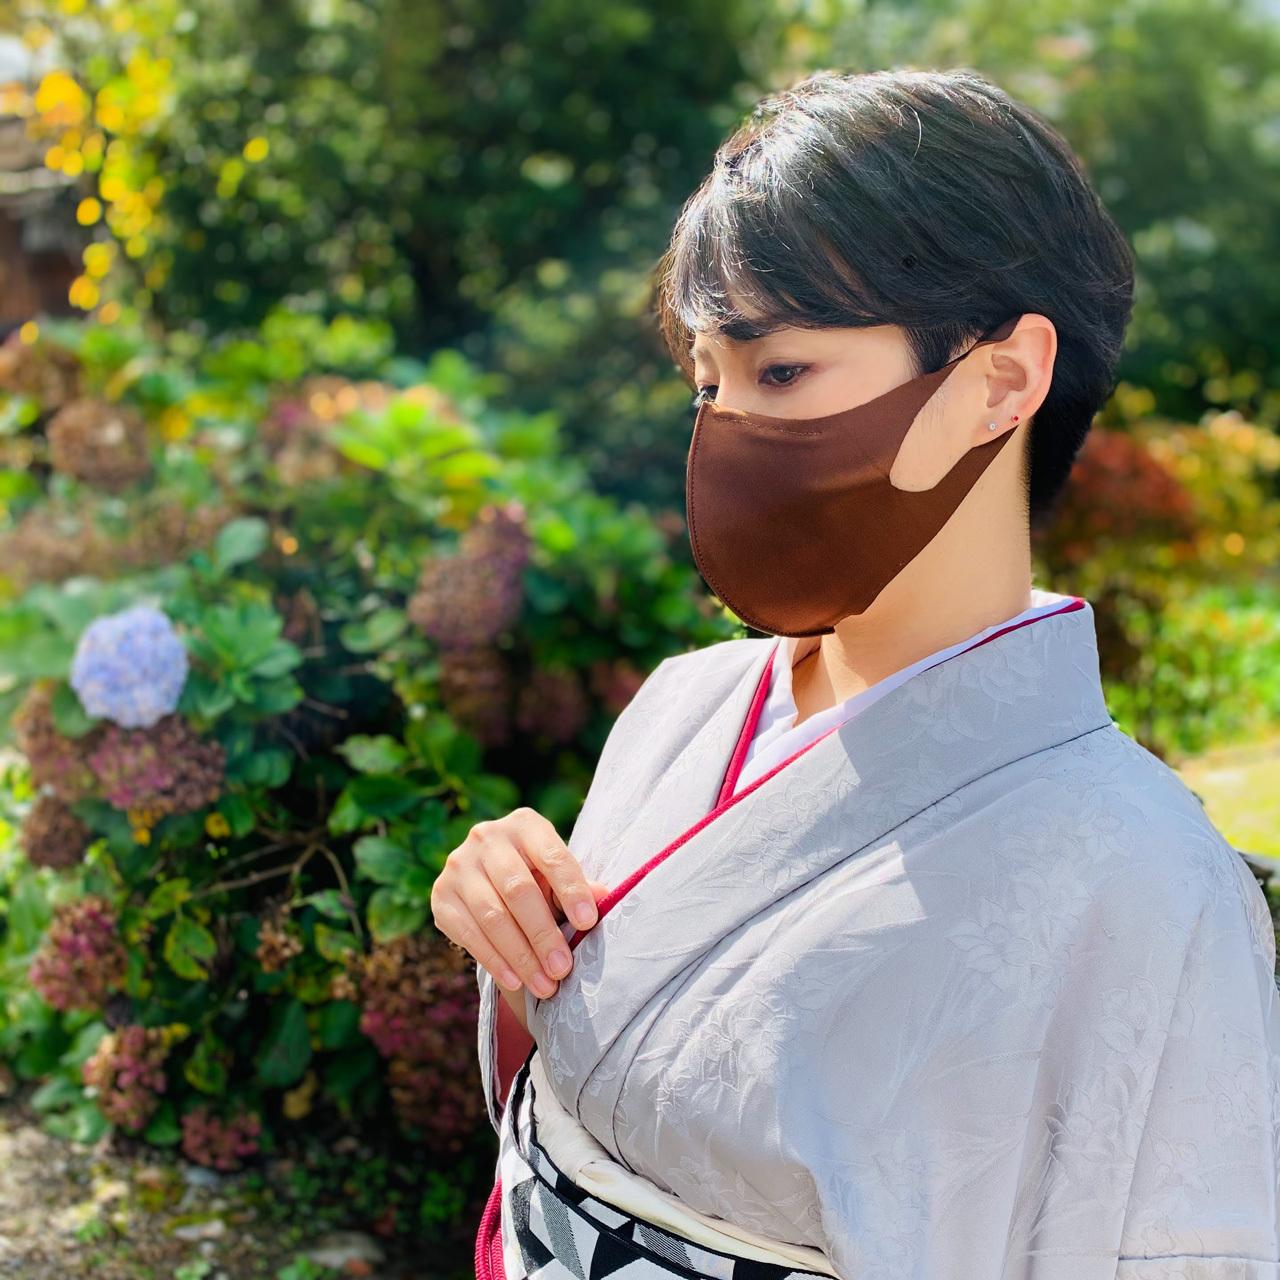 潤うマスク